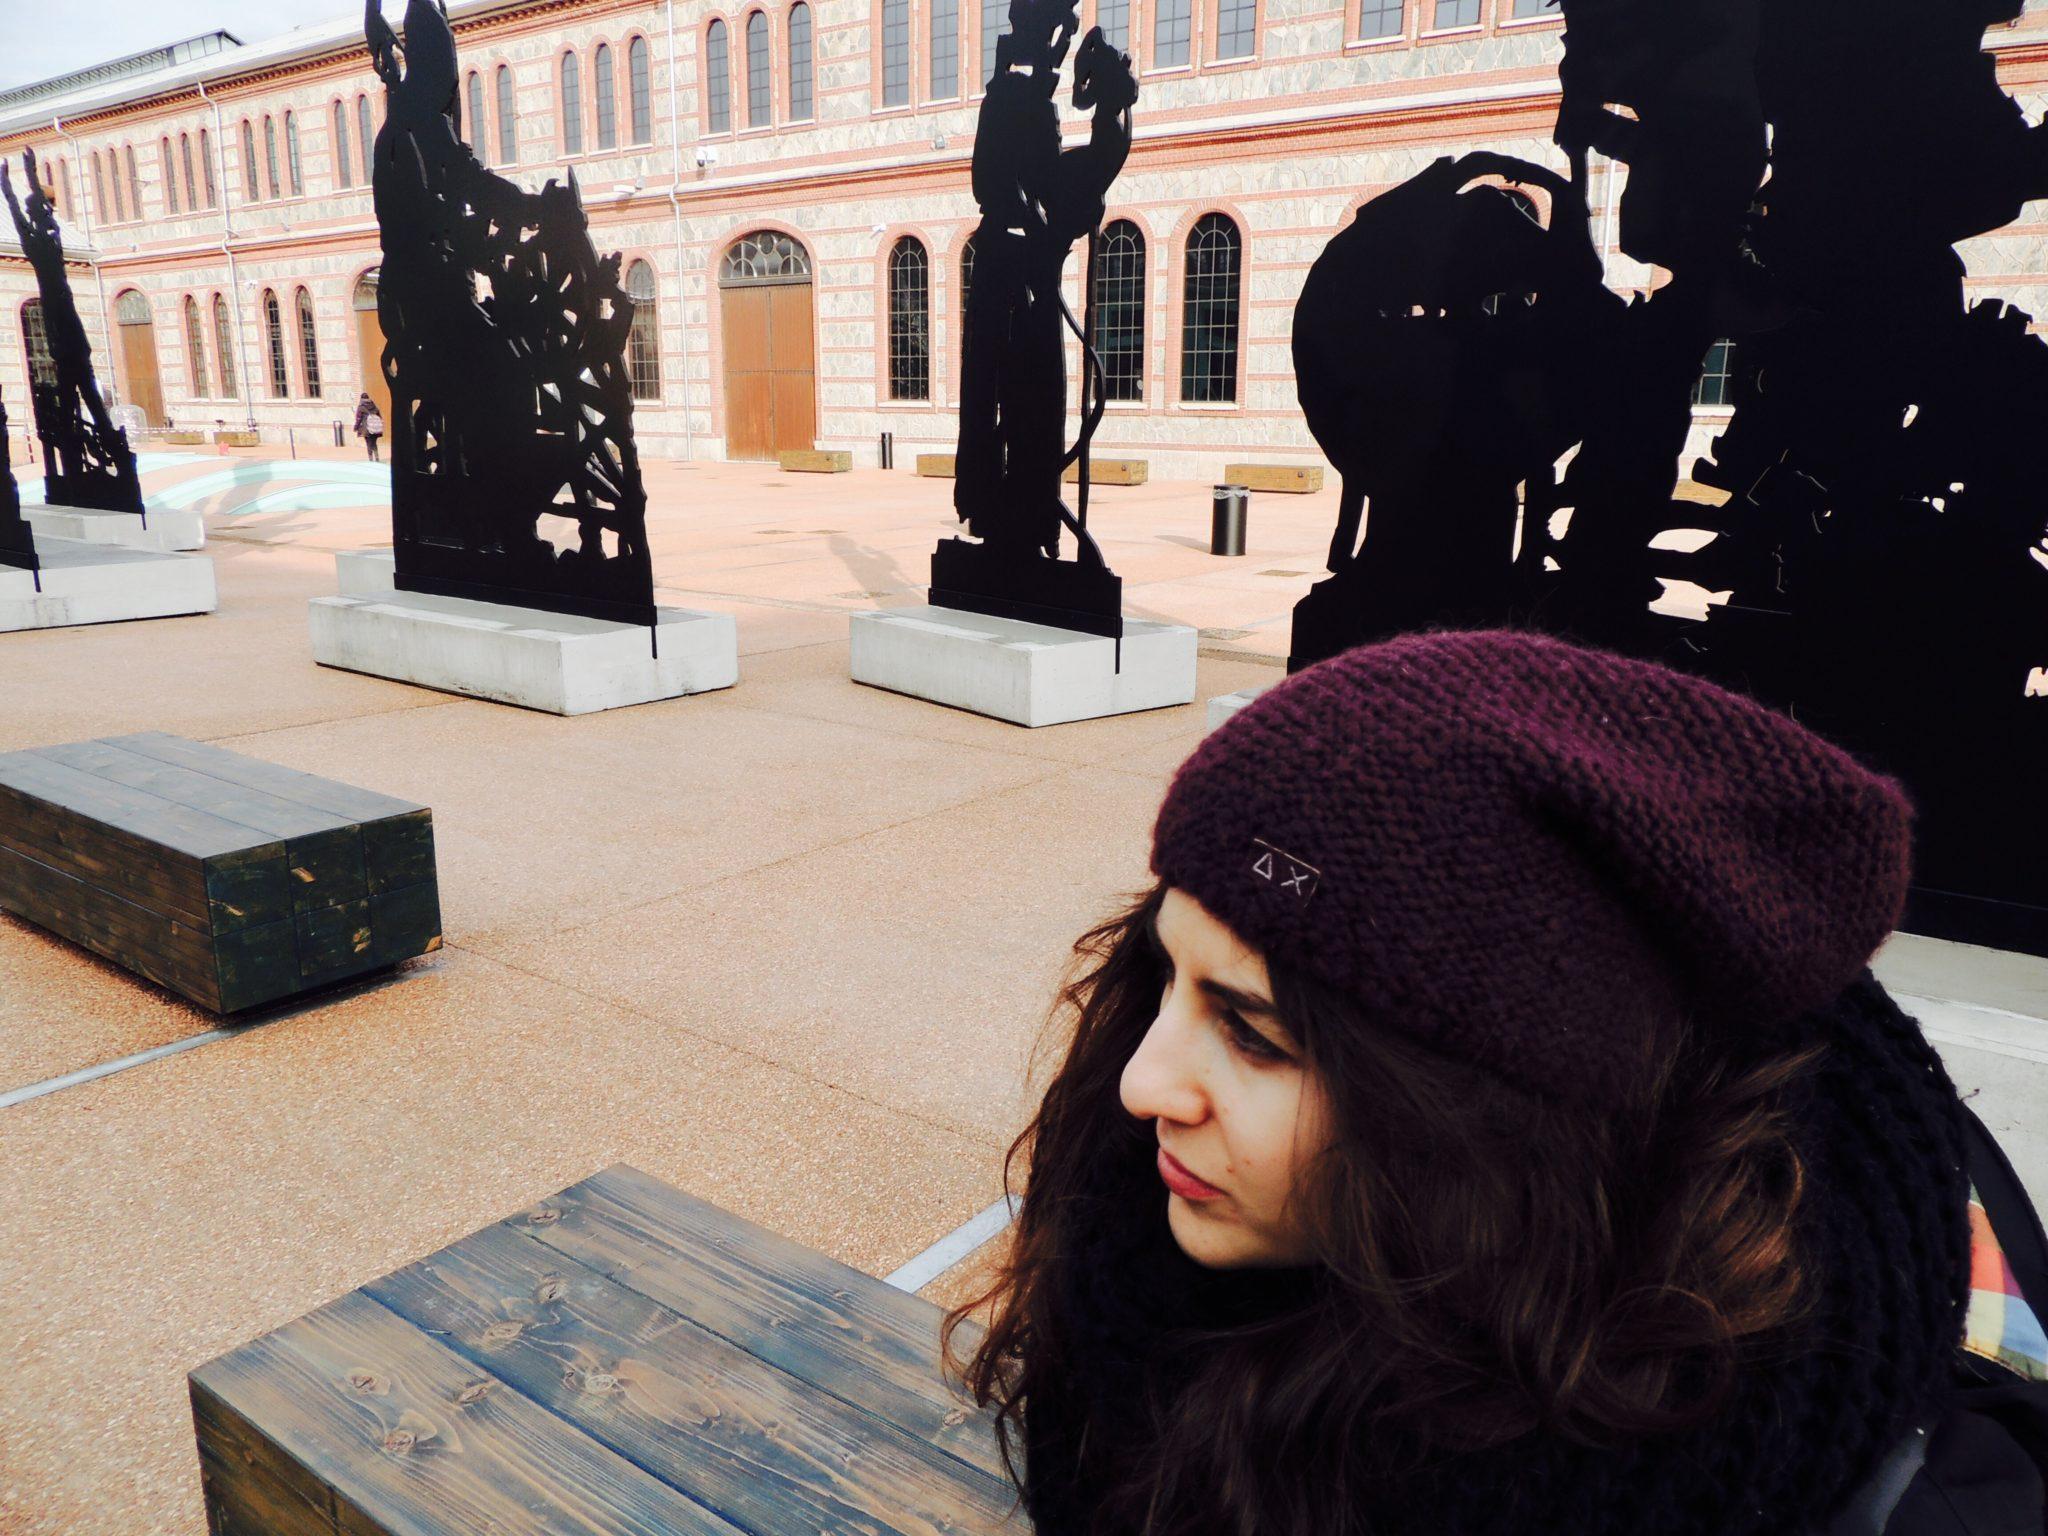 OGR, Officine Grandi Riparazioni a Torino: da officine dei treni a officina delle idee. 20.000 mq per musica, arti visive, arti performative